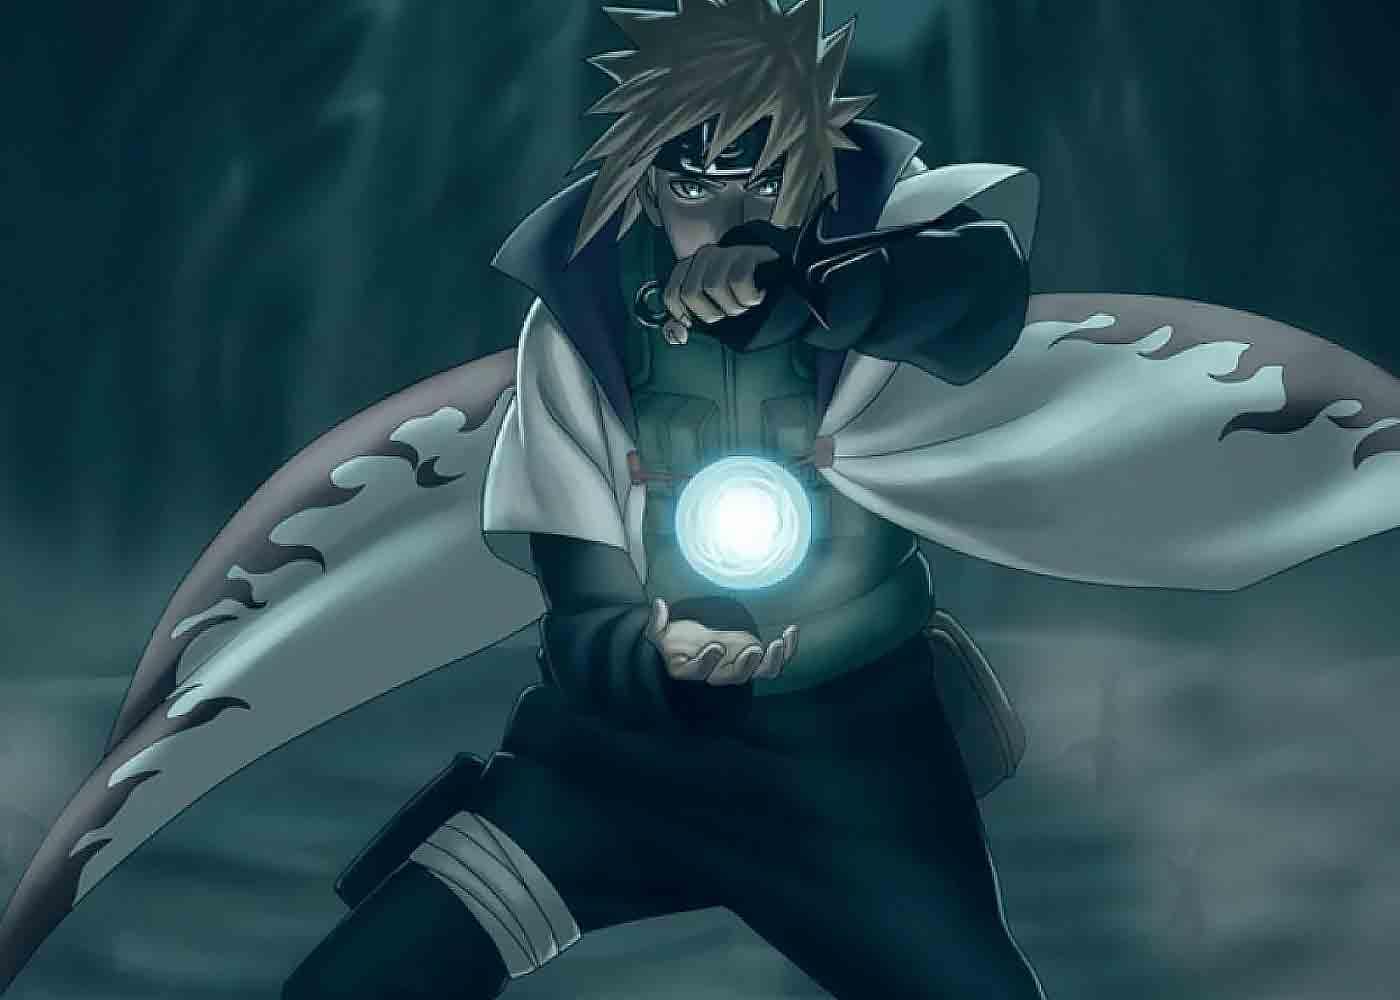 Naruto 10 Karakter Terkuat Tanpa Kekkei Genkai